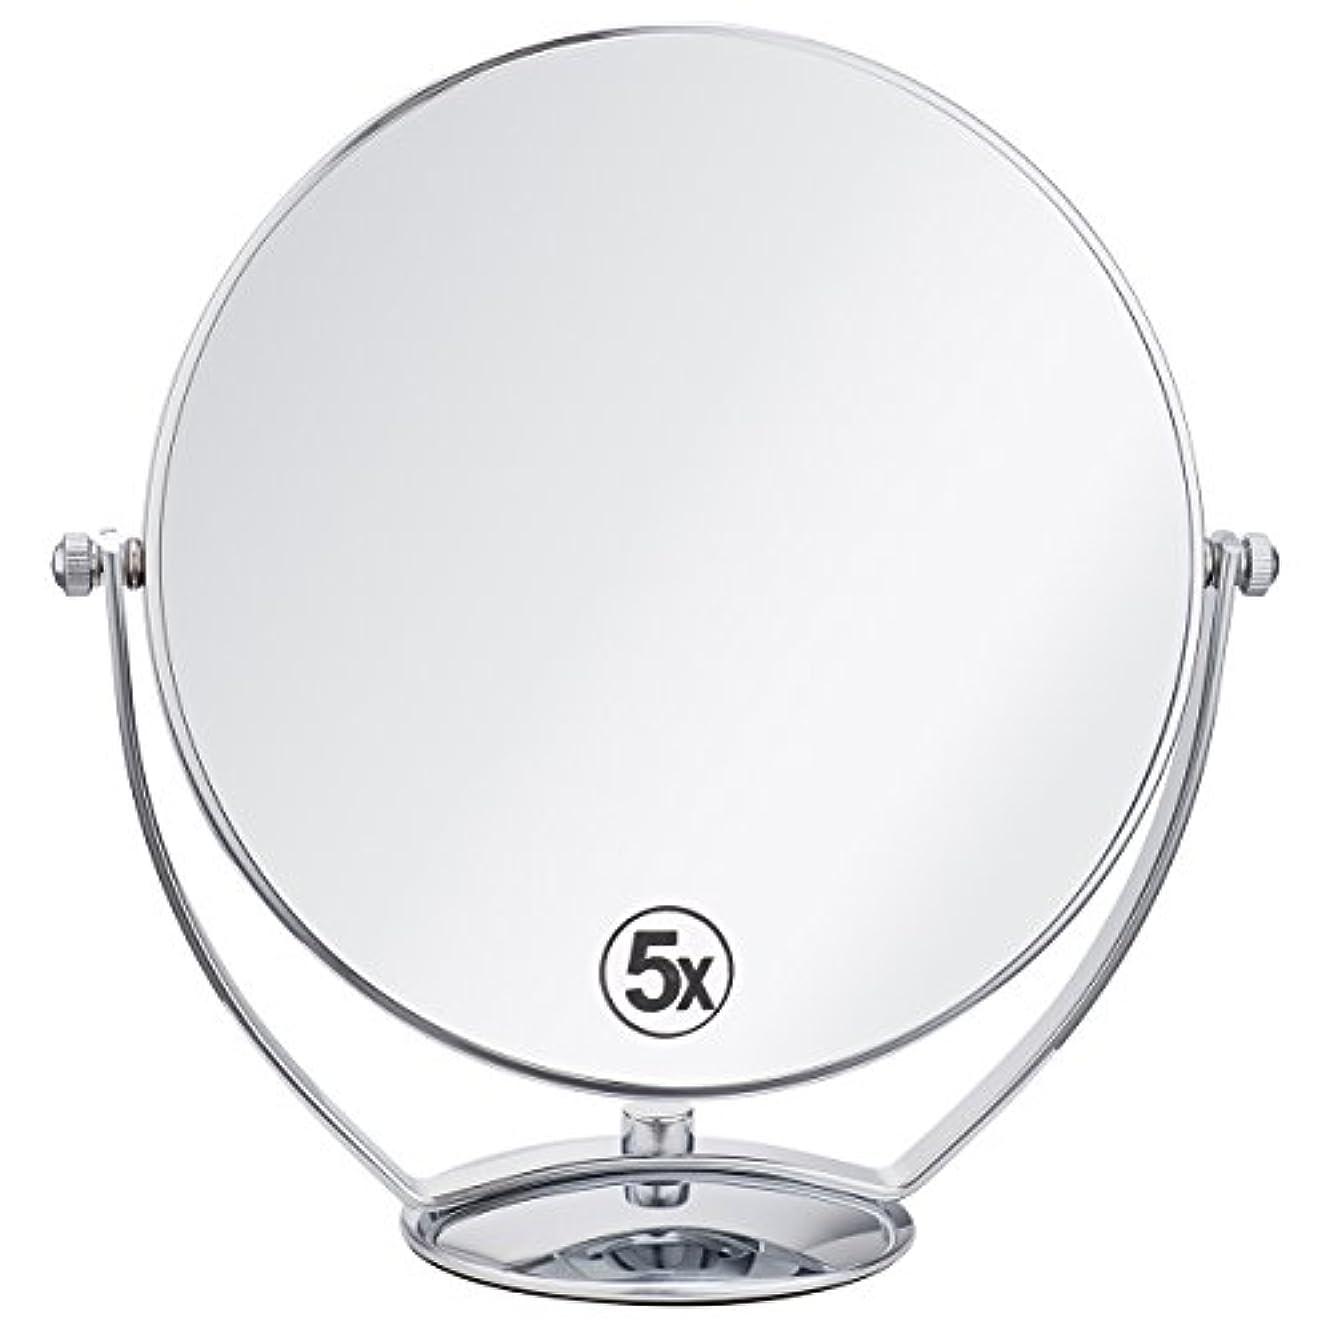 男性露とげのある(セーディコ)Cerdeco 西洋風鏡 真実の両面鏡DX 5倍拡大鏡+等倍鏡 両面化粧鏡 360度回転 卓上鏡 スタンドミラー メイク道具 大きい鏡面φ198mm j823